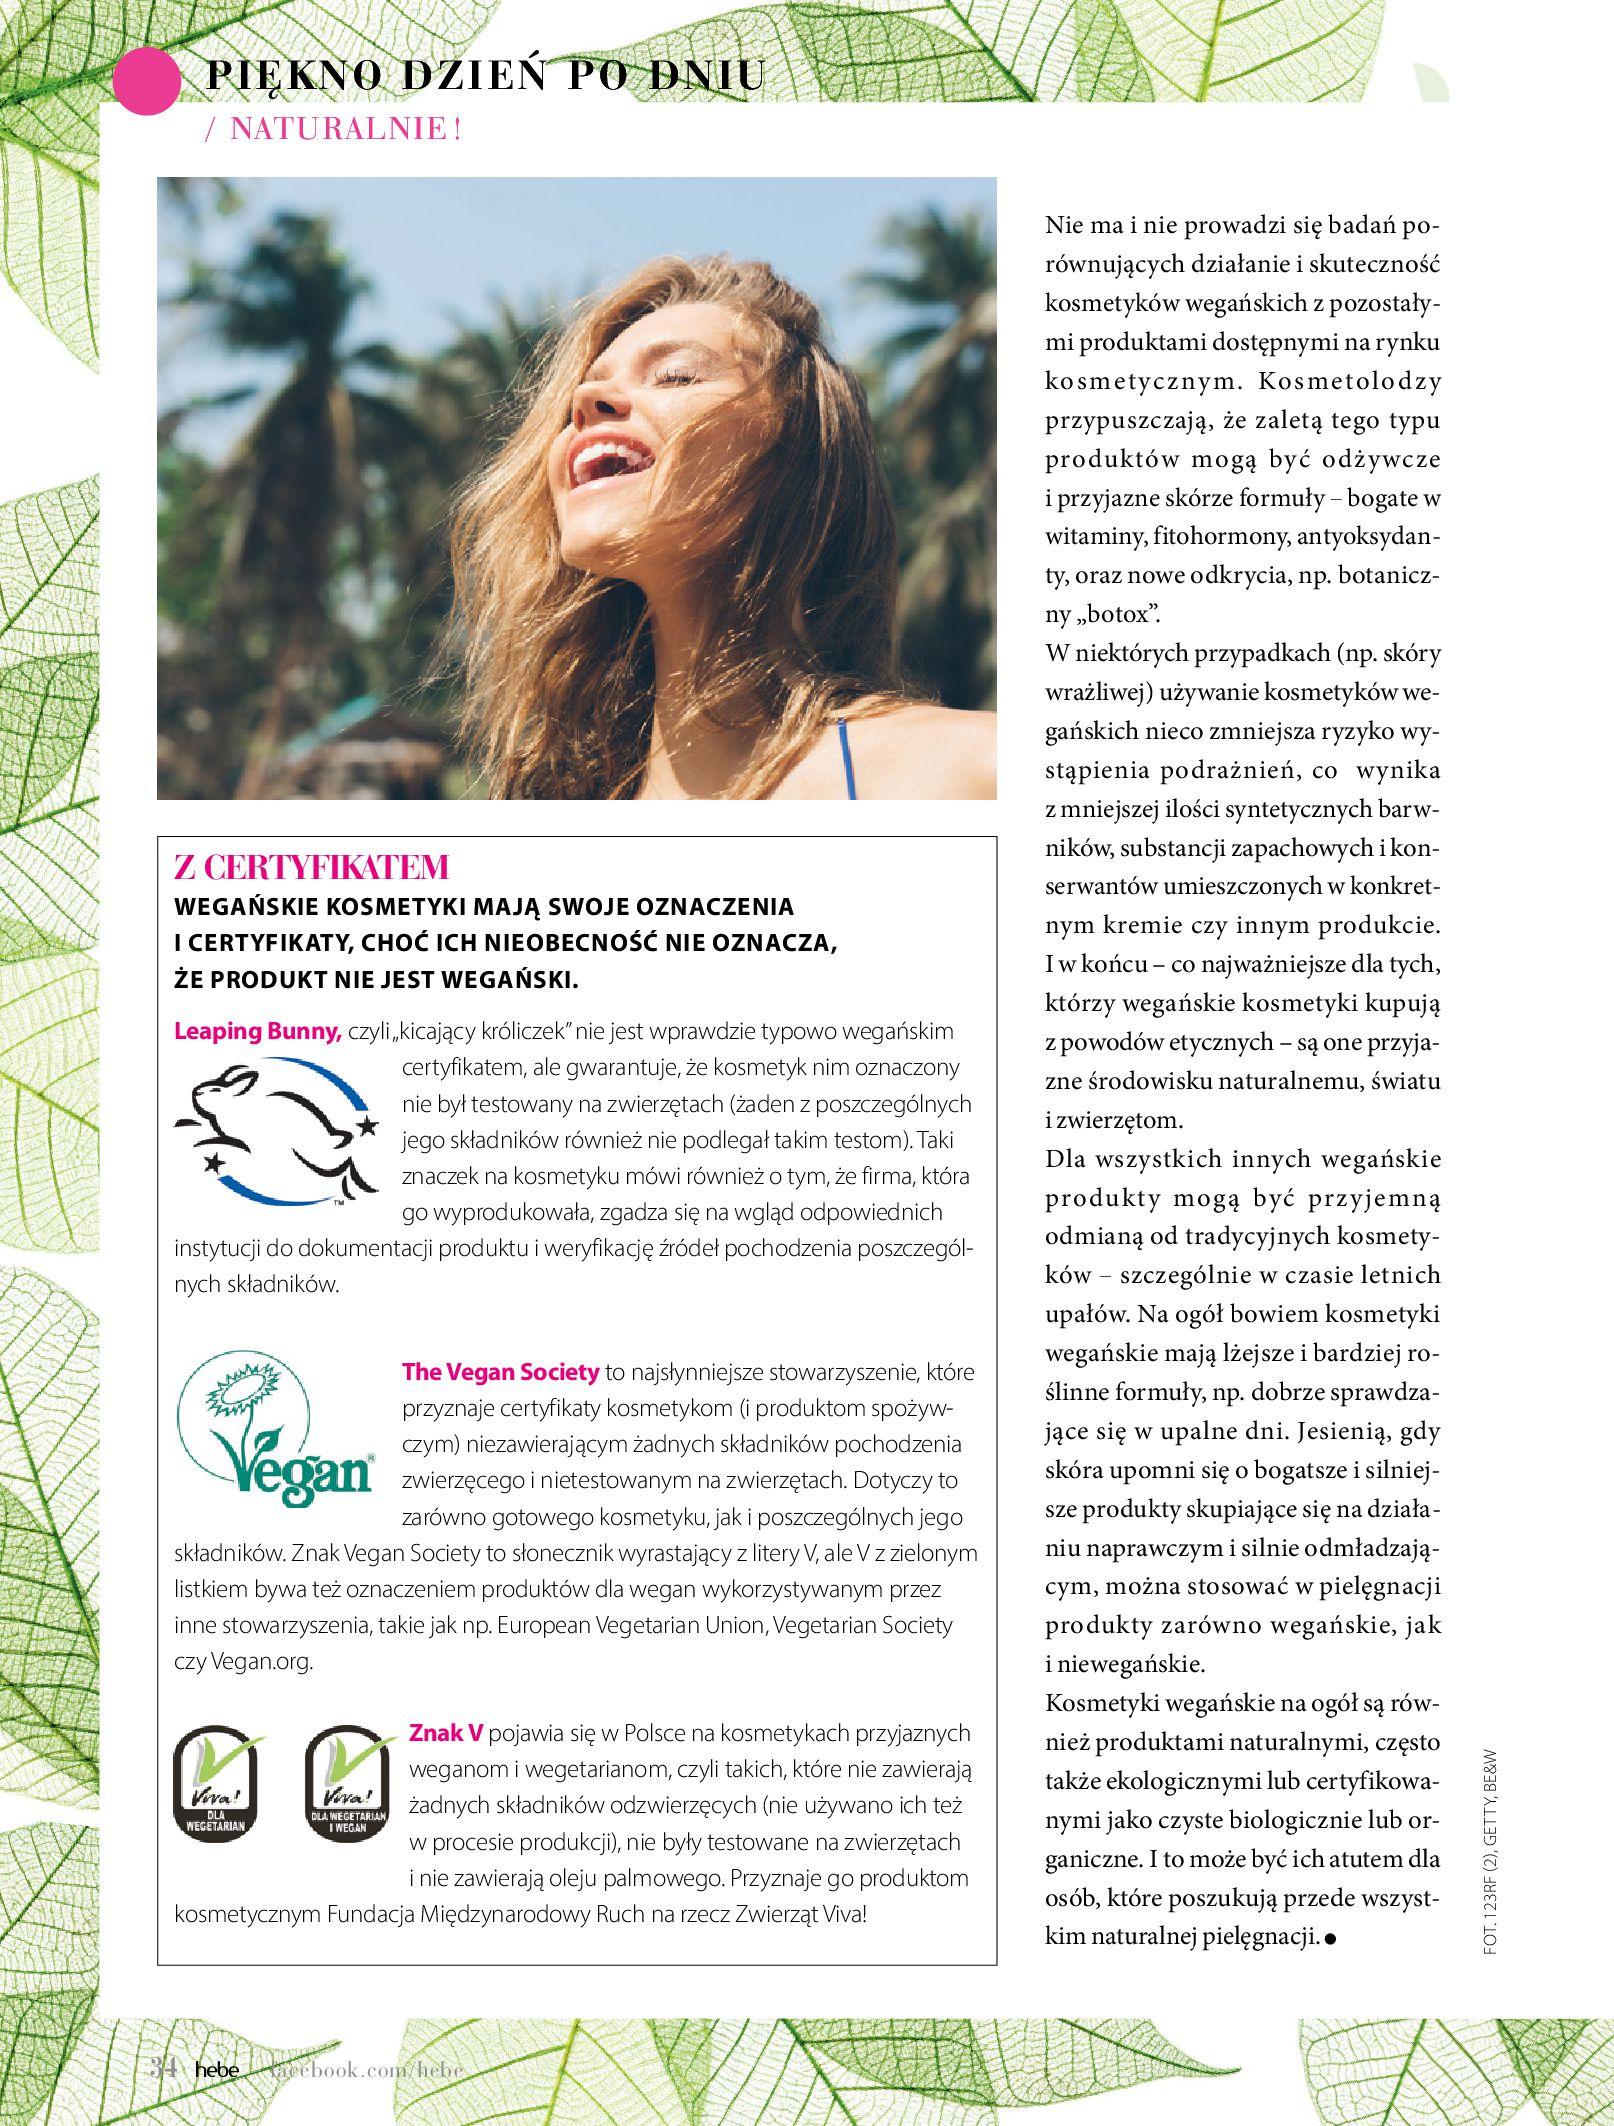 Gazetka hebe - Magazyn Hebe-30.06.2020-31.08.2020-page-34